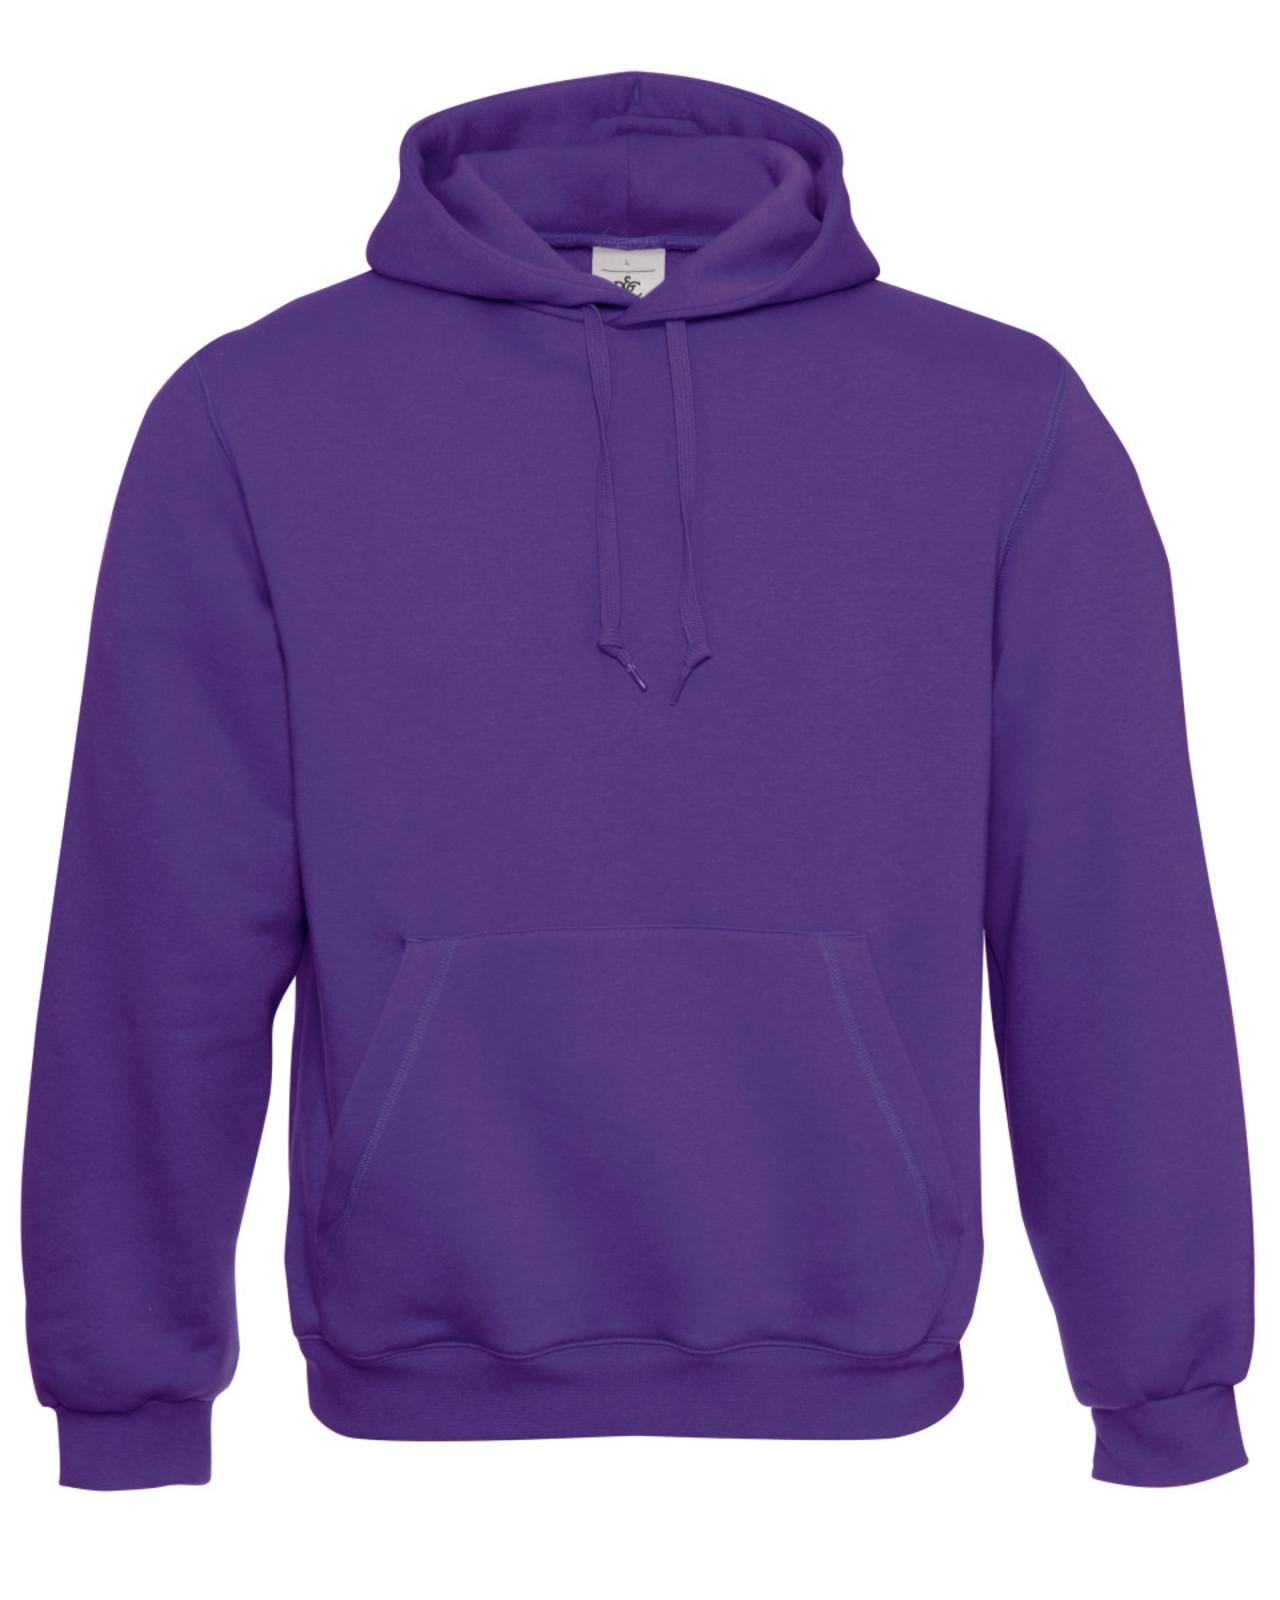 B&C WU620 Adult Hooded Sweatshirt Plain Pullover Hoody Hoodie ...